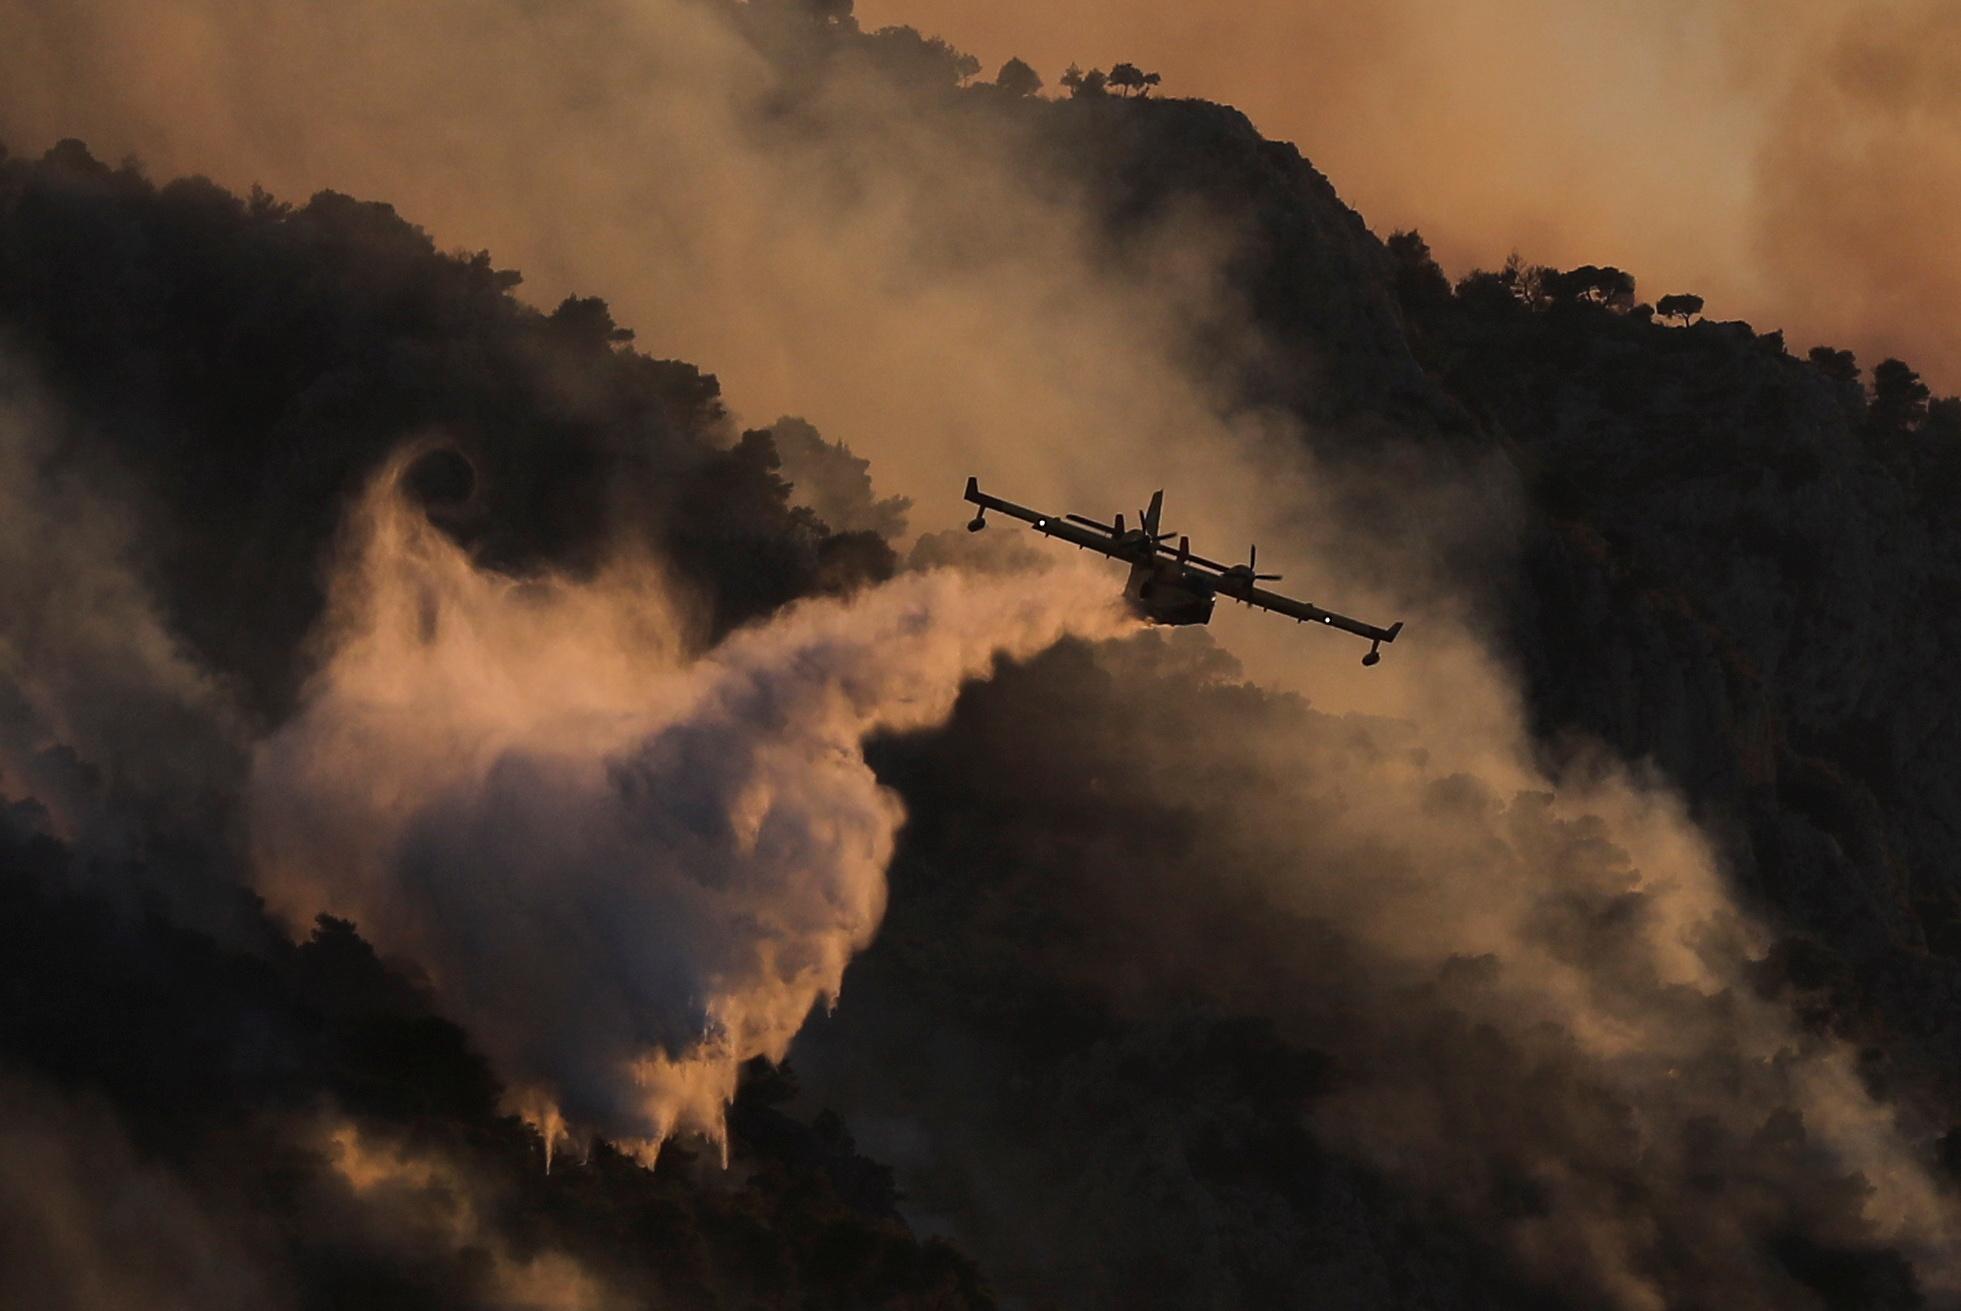 Κοζάνη: Υπό έλεγχο η φωτιά στο Βοσκοχώρι – Ο πρώτος απολογισμός της πύρινης καταστροφής